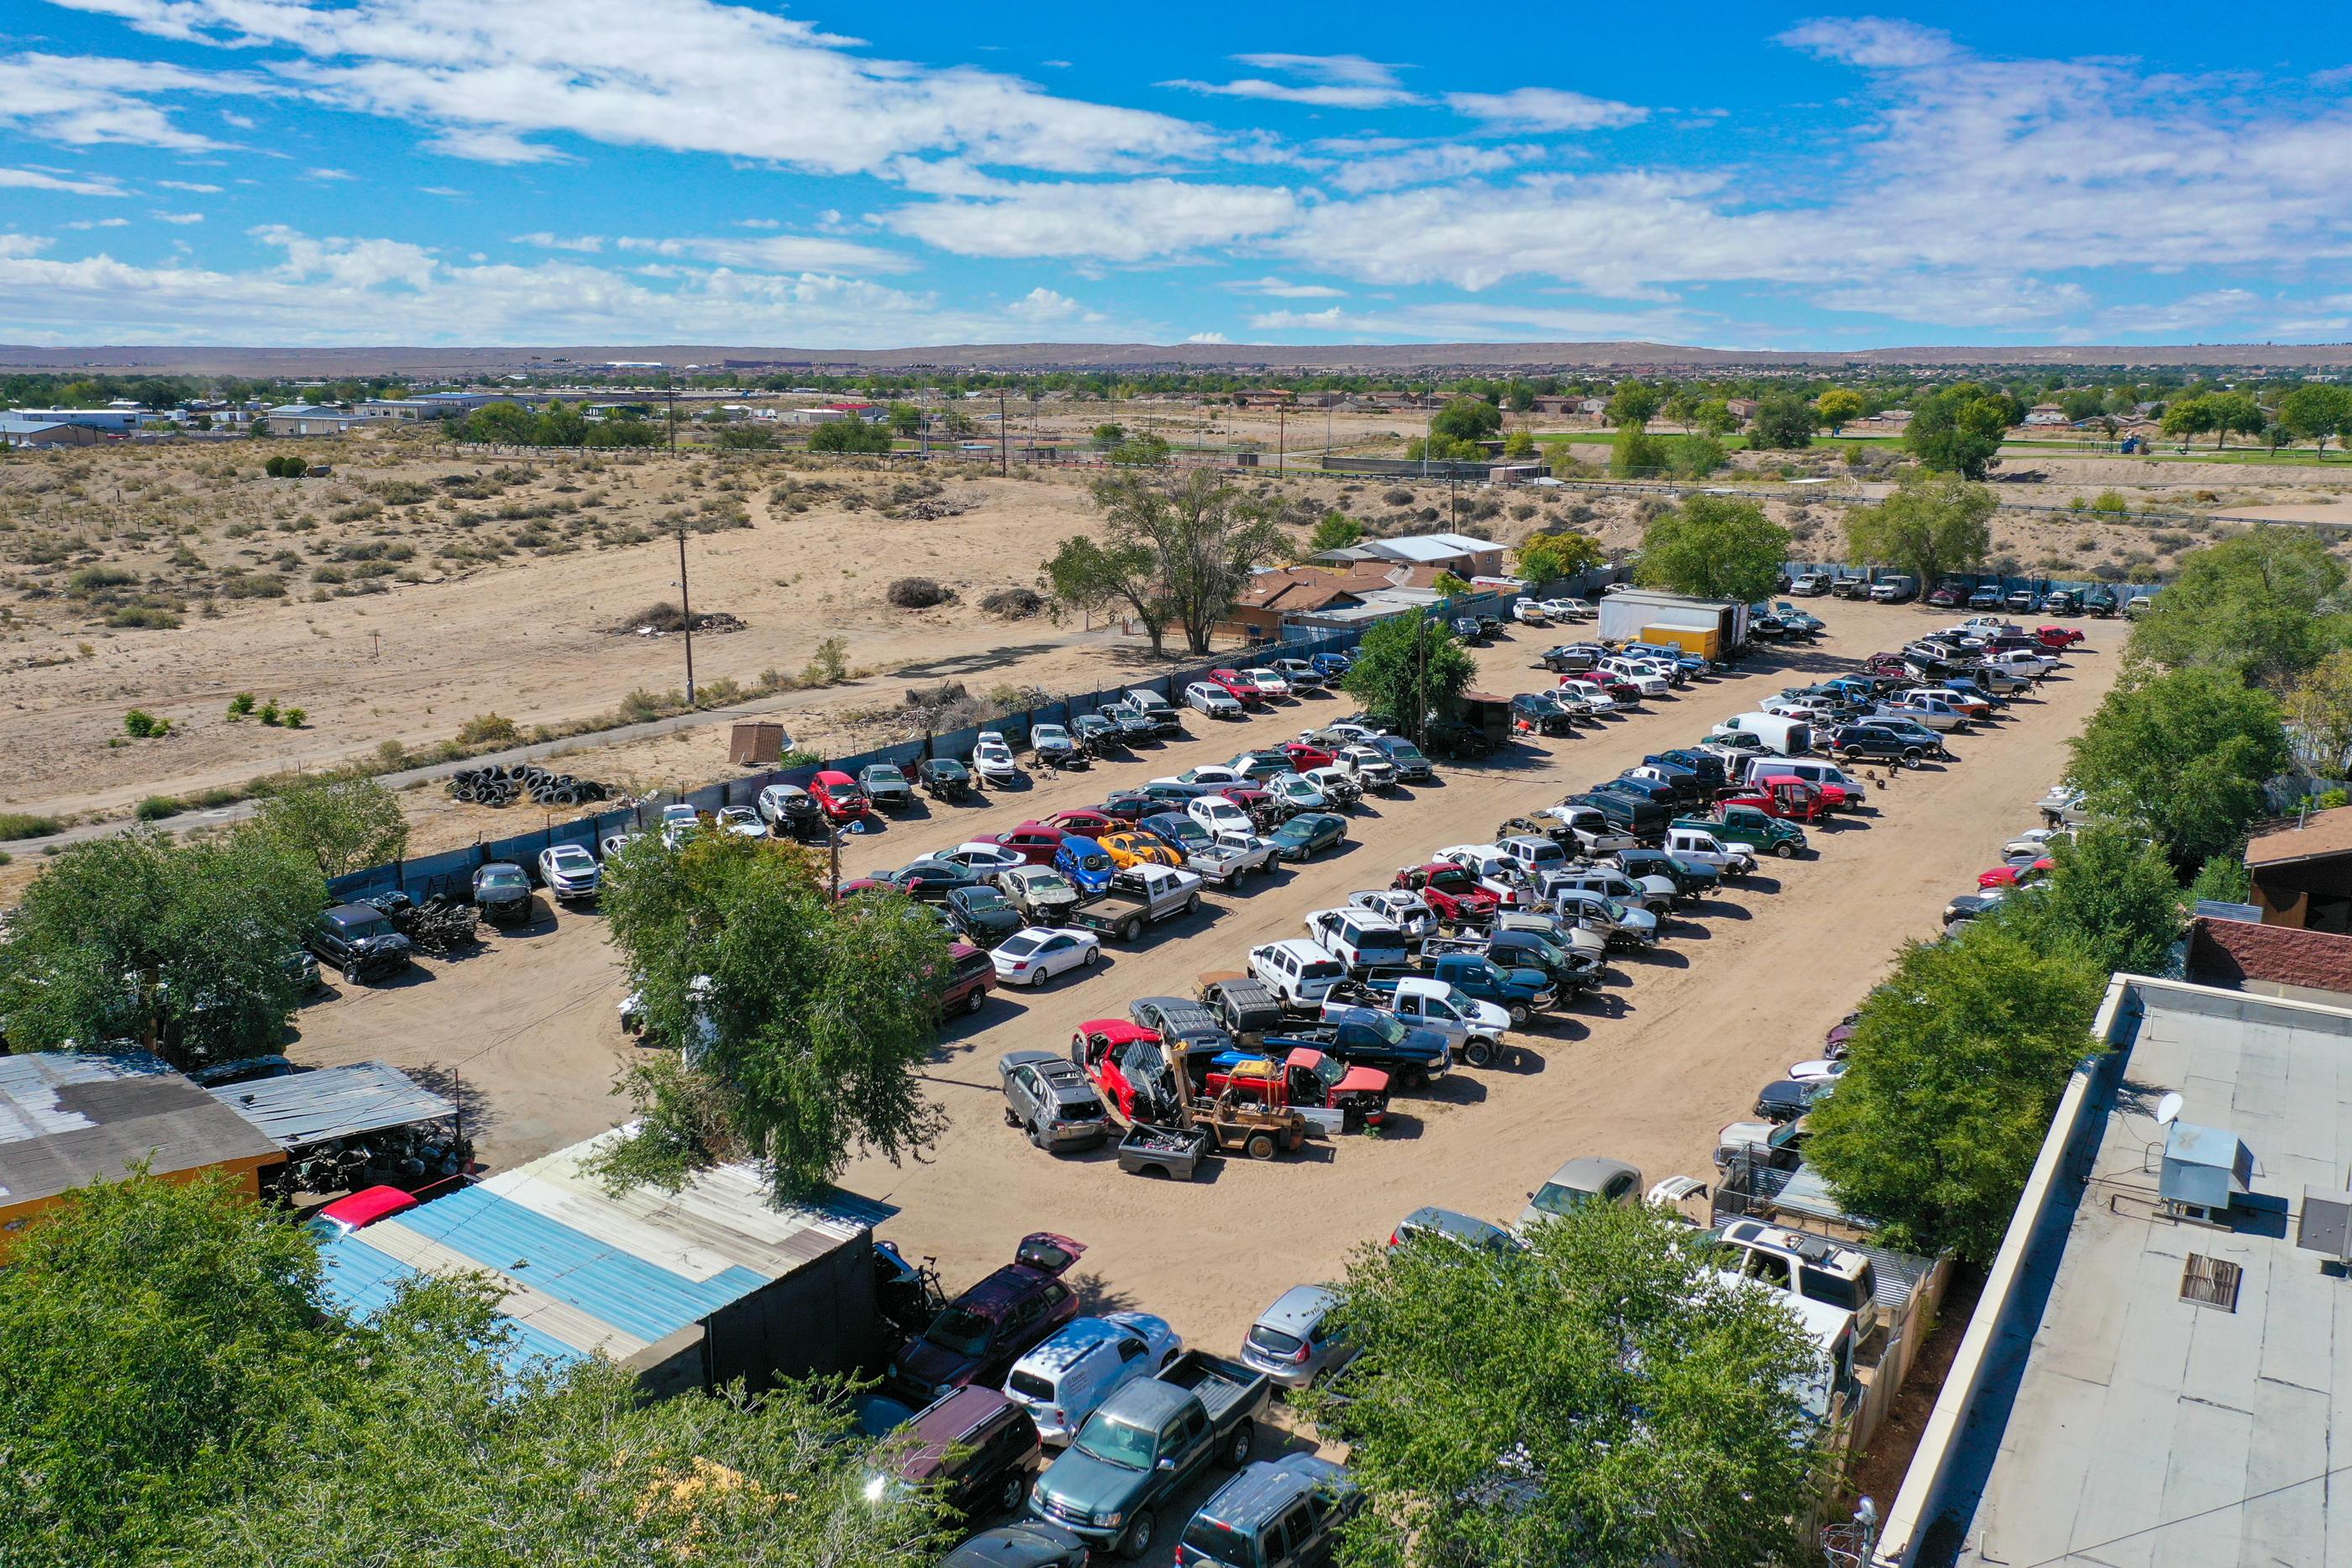 1905 Coors Boulevard SW, Albuquerque, NM 87121 - Albuquerque, NM real estate listing